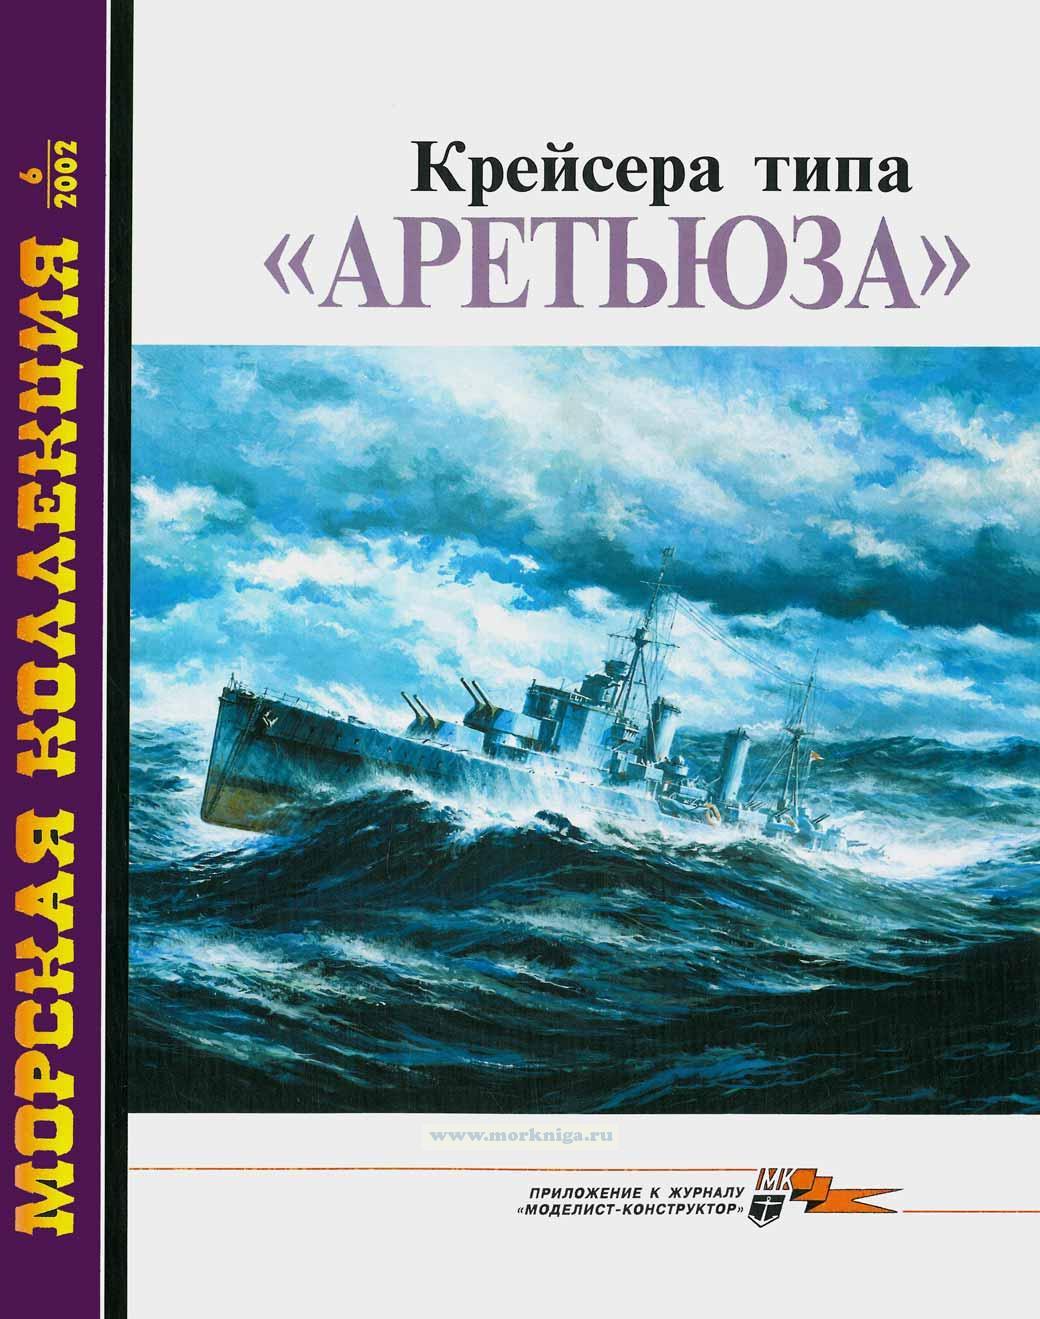 """Крейсера типа """"Аретьюза"""". Морская коллекция №6 (2002)"""